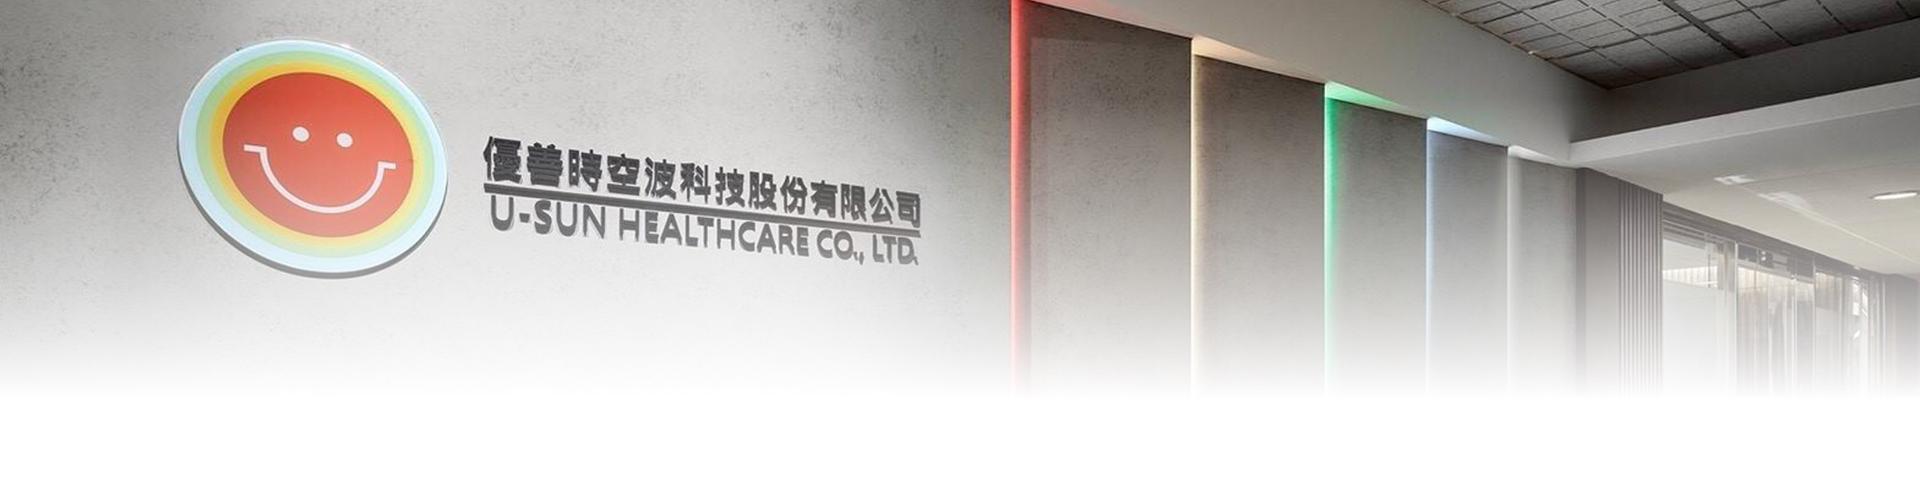 優善時空波科技股份有限公司 U-SUN HEALTHCARE CO., LTD.